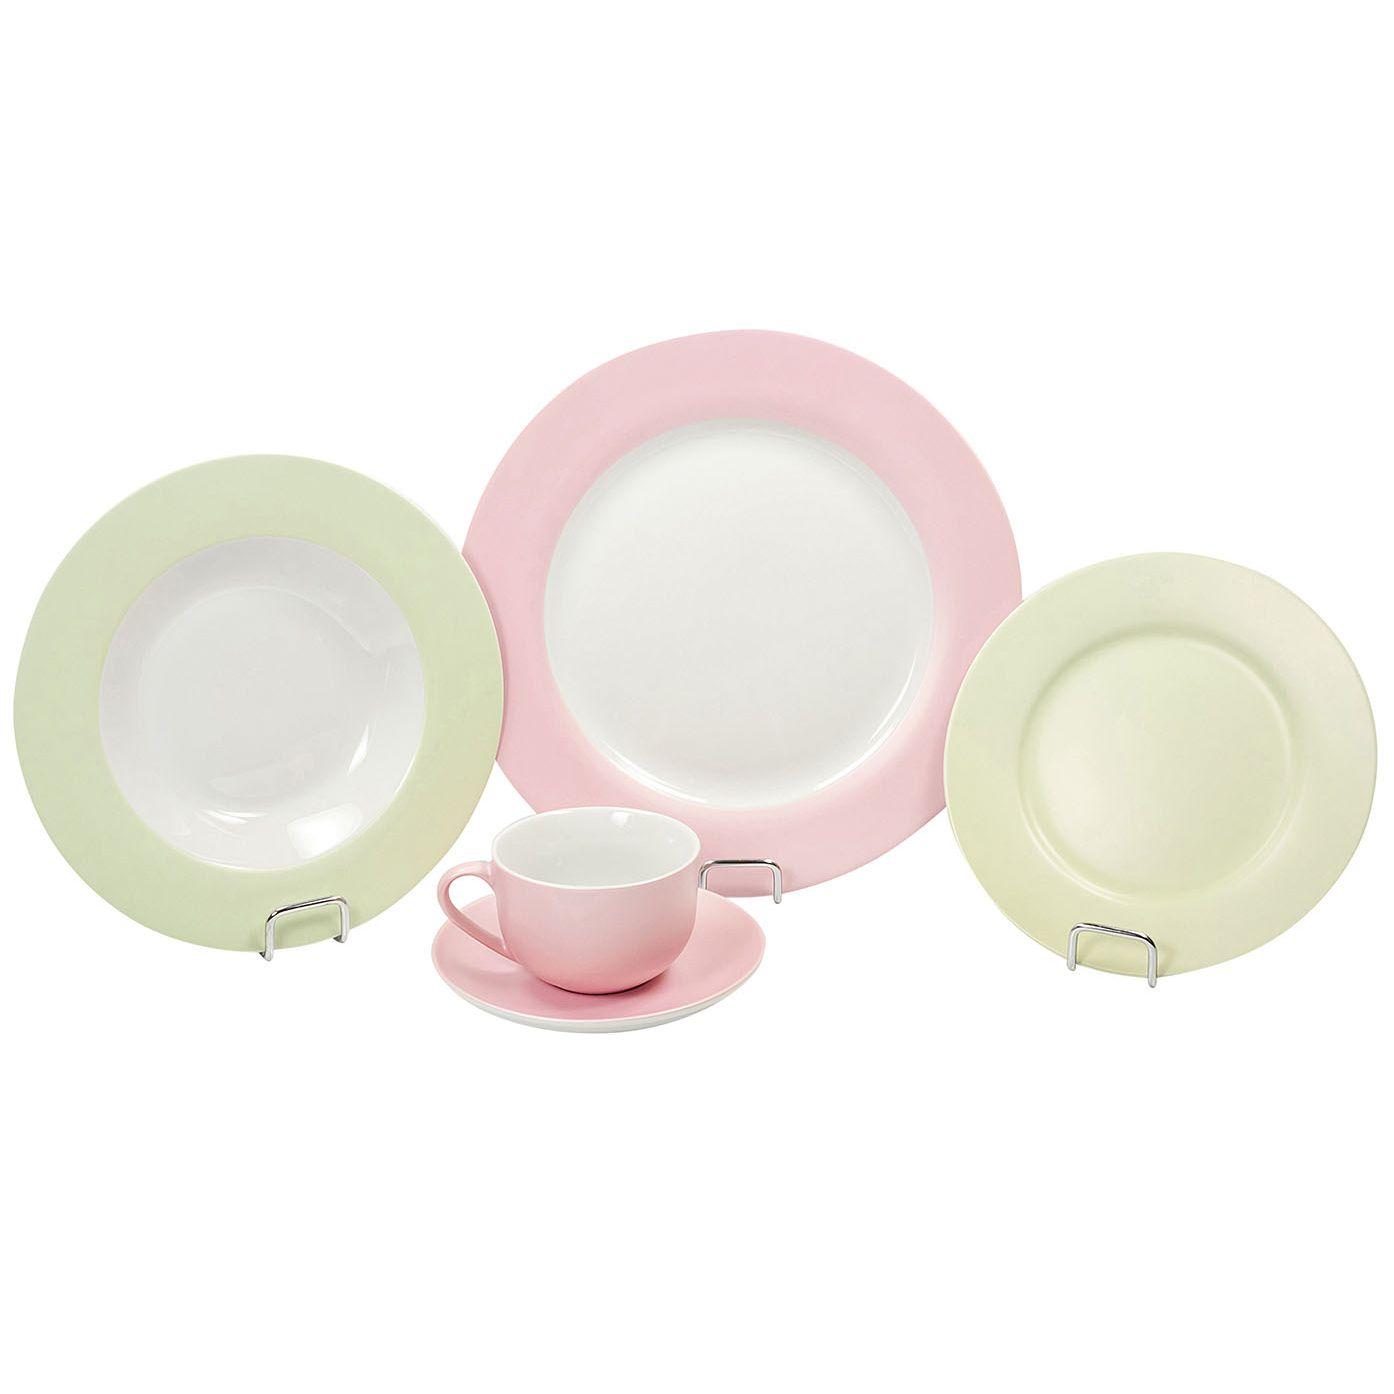 Aparelho de Jantar 20 Peças de Porcelana - 4 Pratos Mesa, 4 Pratos Fundo , 4 Pratos de Sobremesa, 4 Xícaras de Chá 200Ml , 4 Pires de Chá, Branco, Rosa e Verde Wow